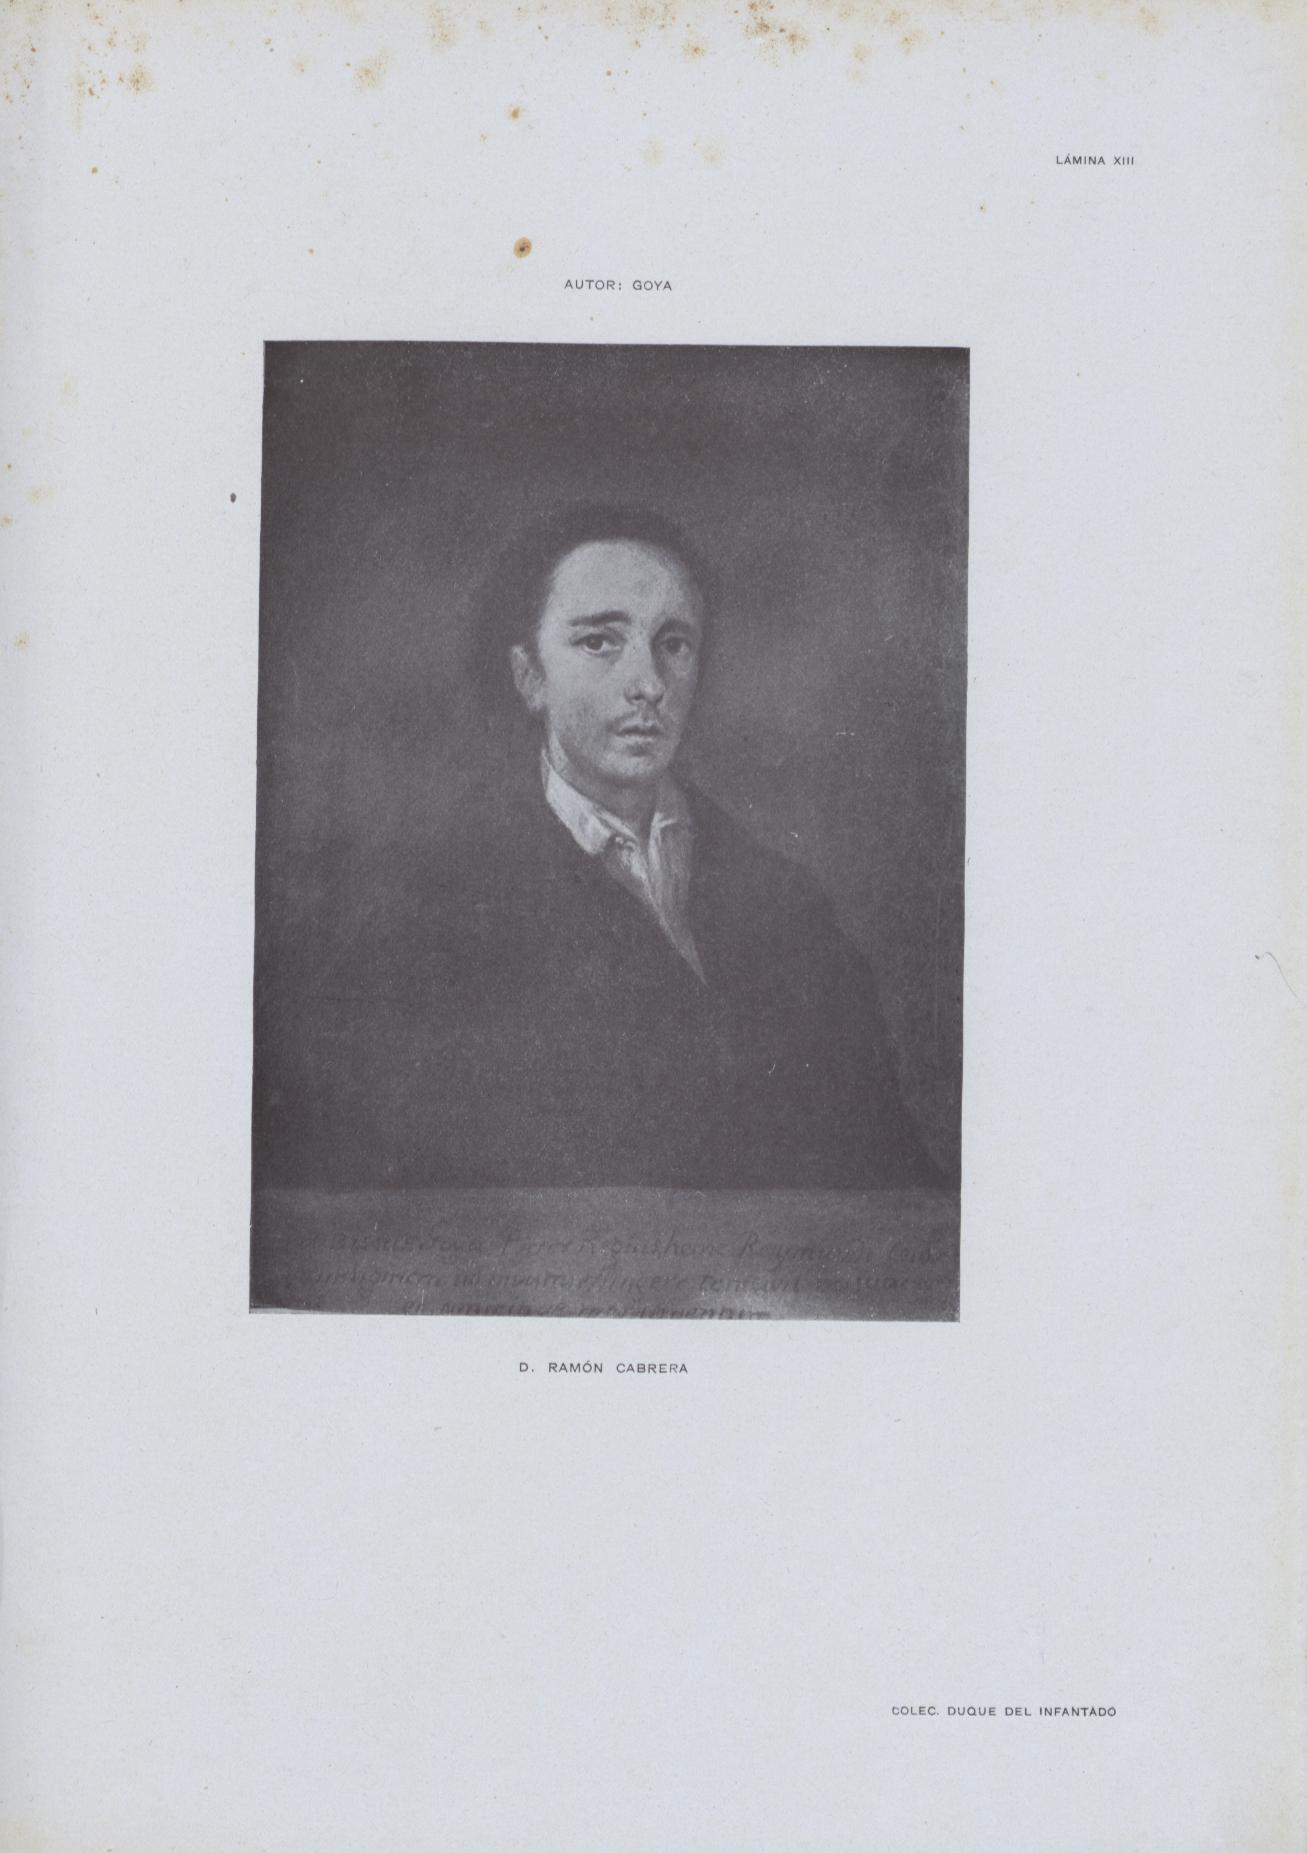 Exposici n de la miniatura retrato en espa a uab - Laminas antonio lopez ...